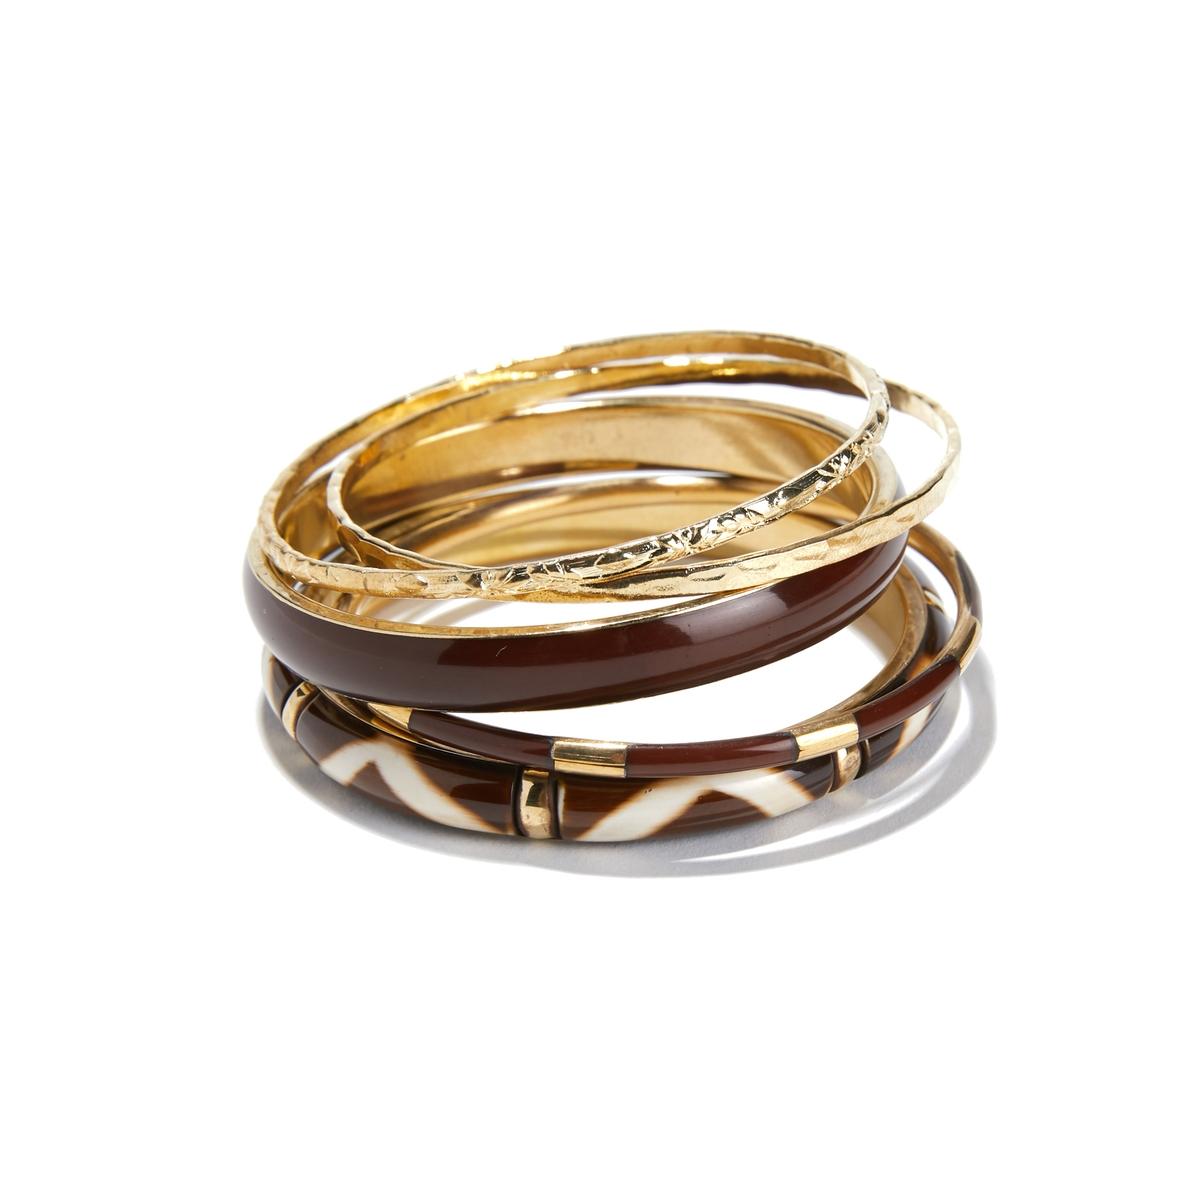 Confezione di bracciali in metallo e resina